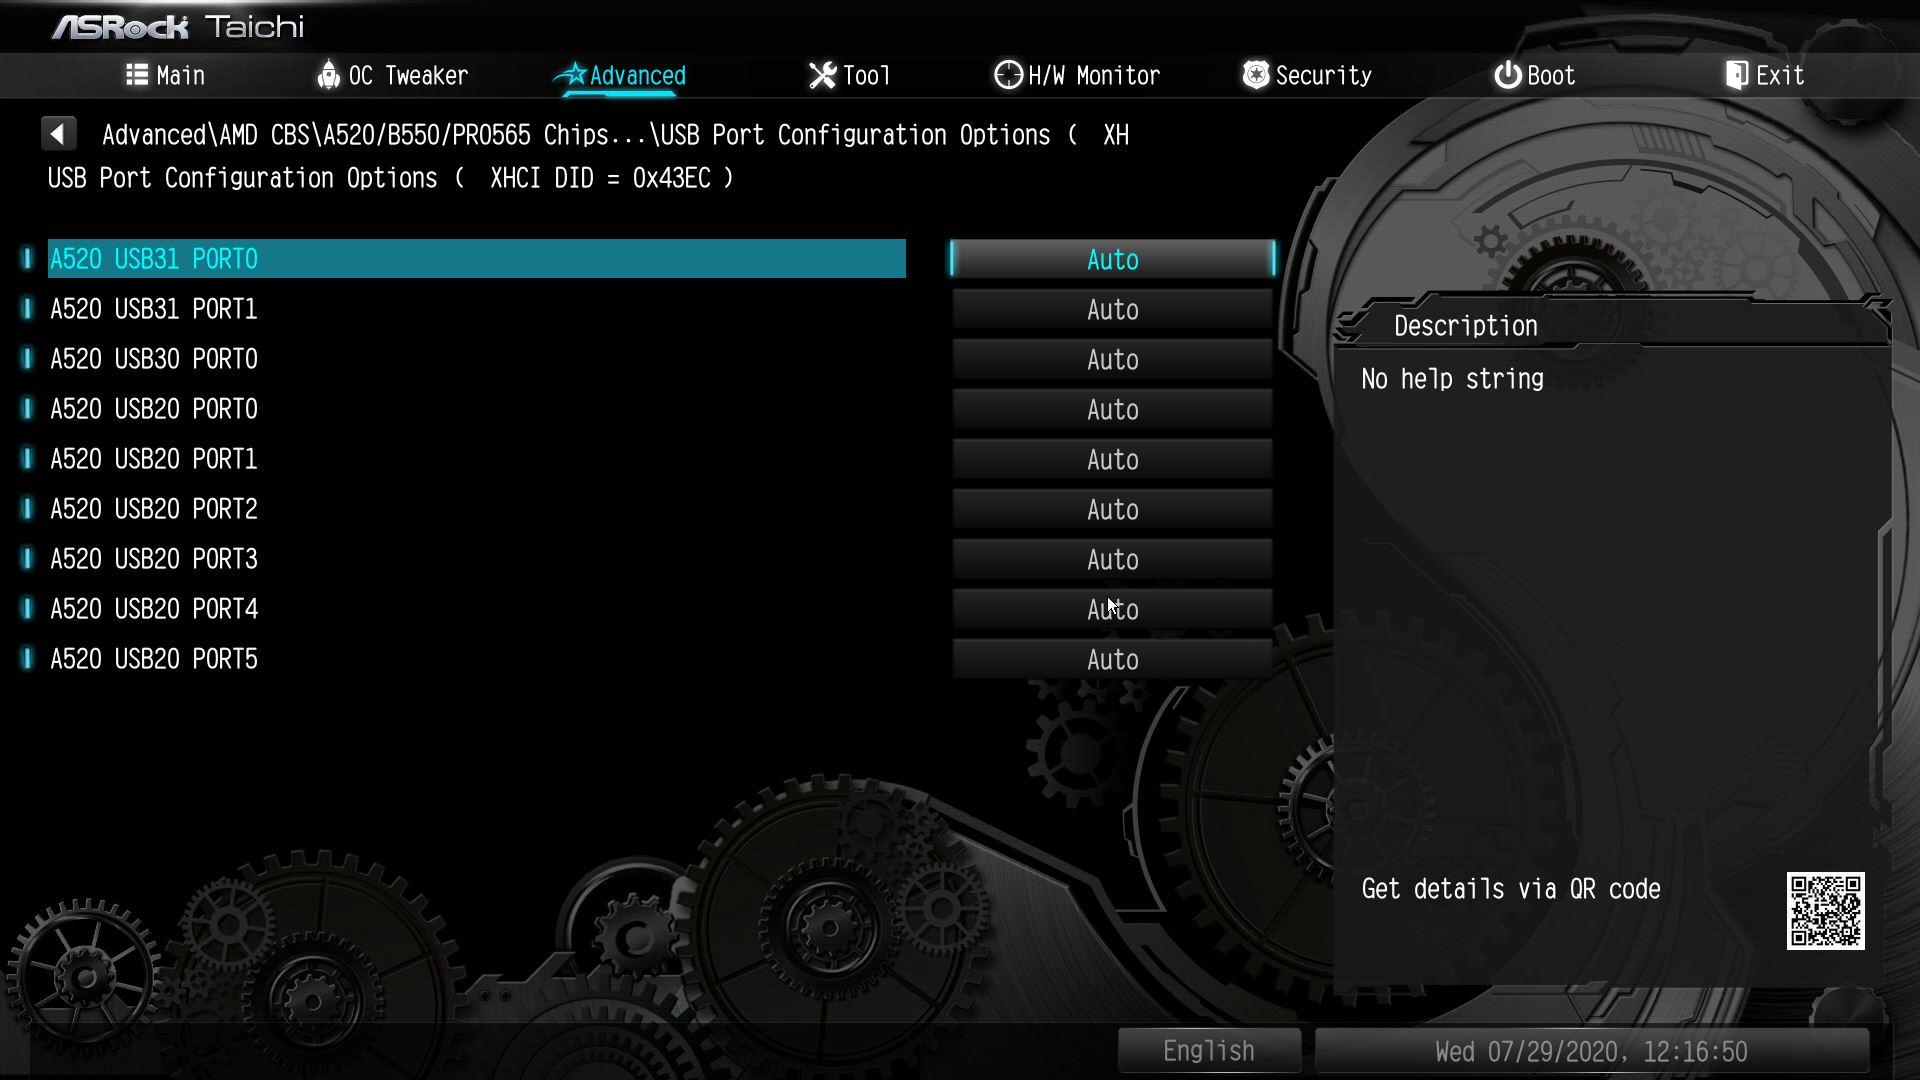 華擎ASRock B550 Taichi-太極用料大滿足,規格攻頂就是讚!